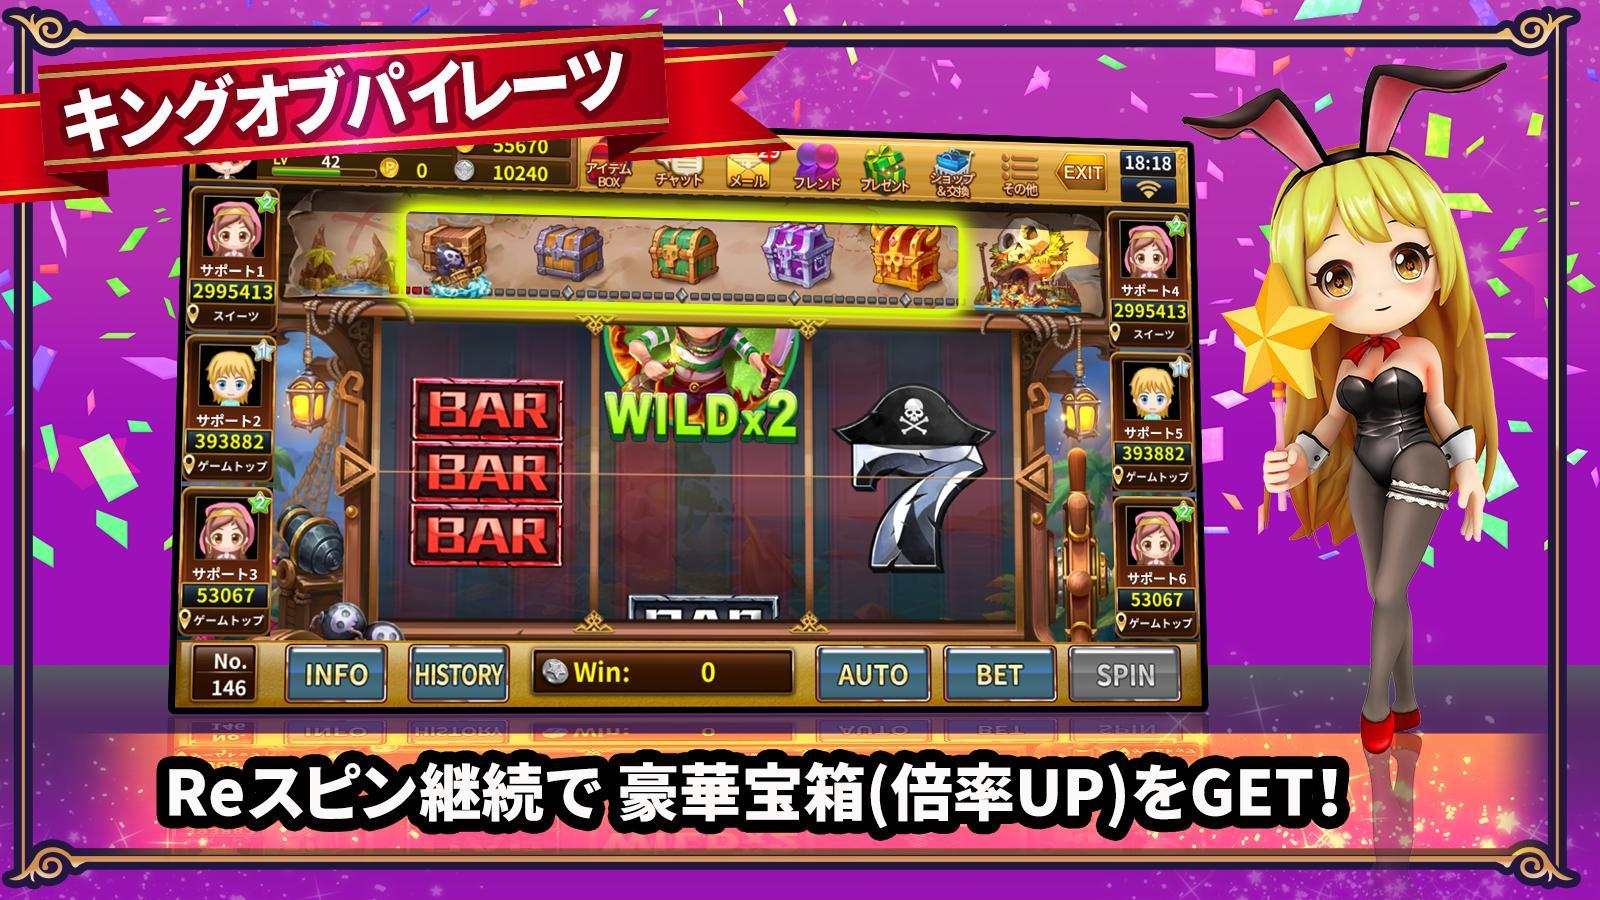 カジノ王国~無料カジノスロットゲーム~ 2.0 Screenshot 7